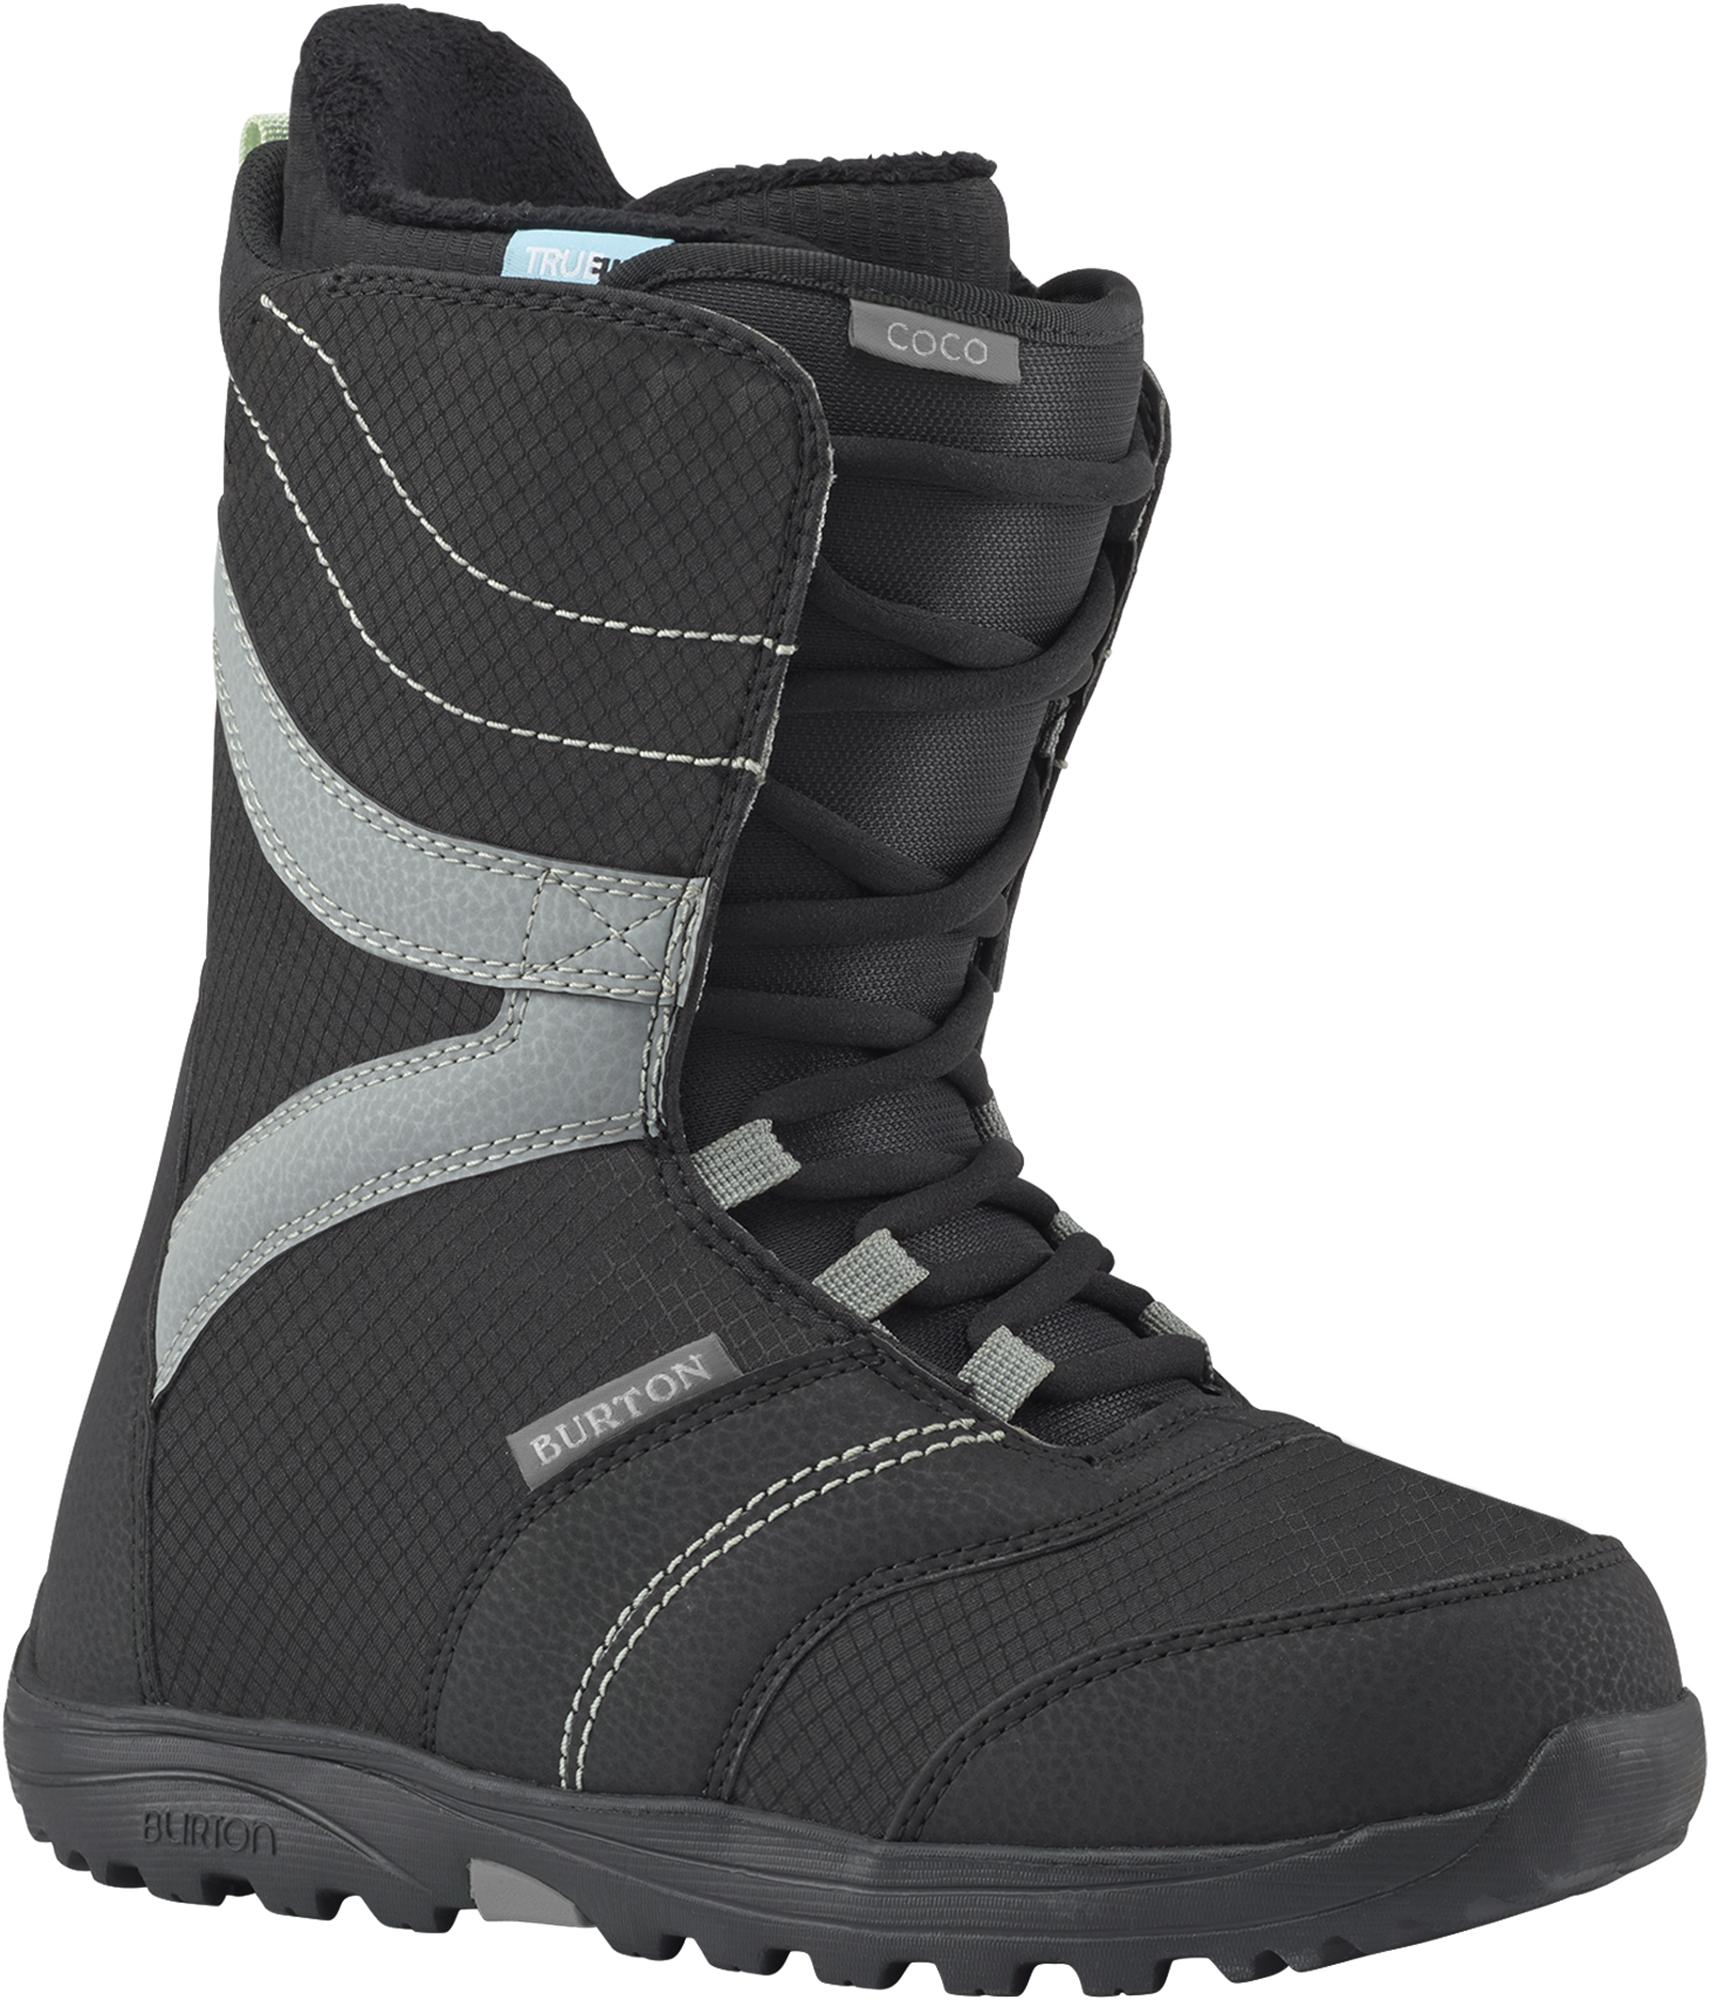 Burton Сноубордические ботинки женские Burton Coco, размер 40